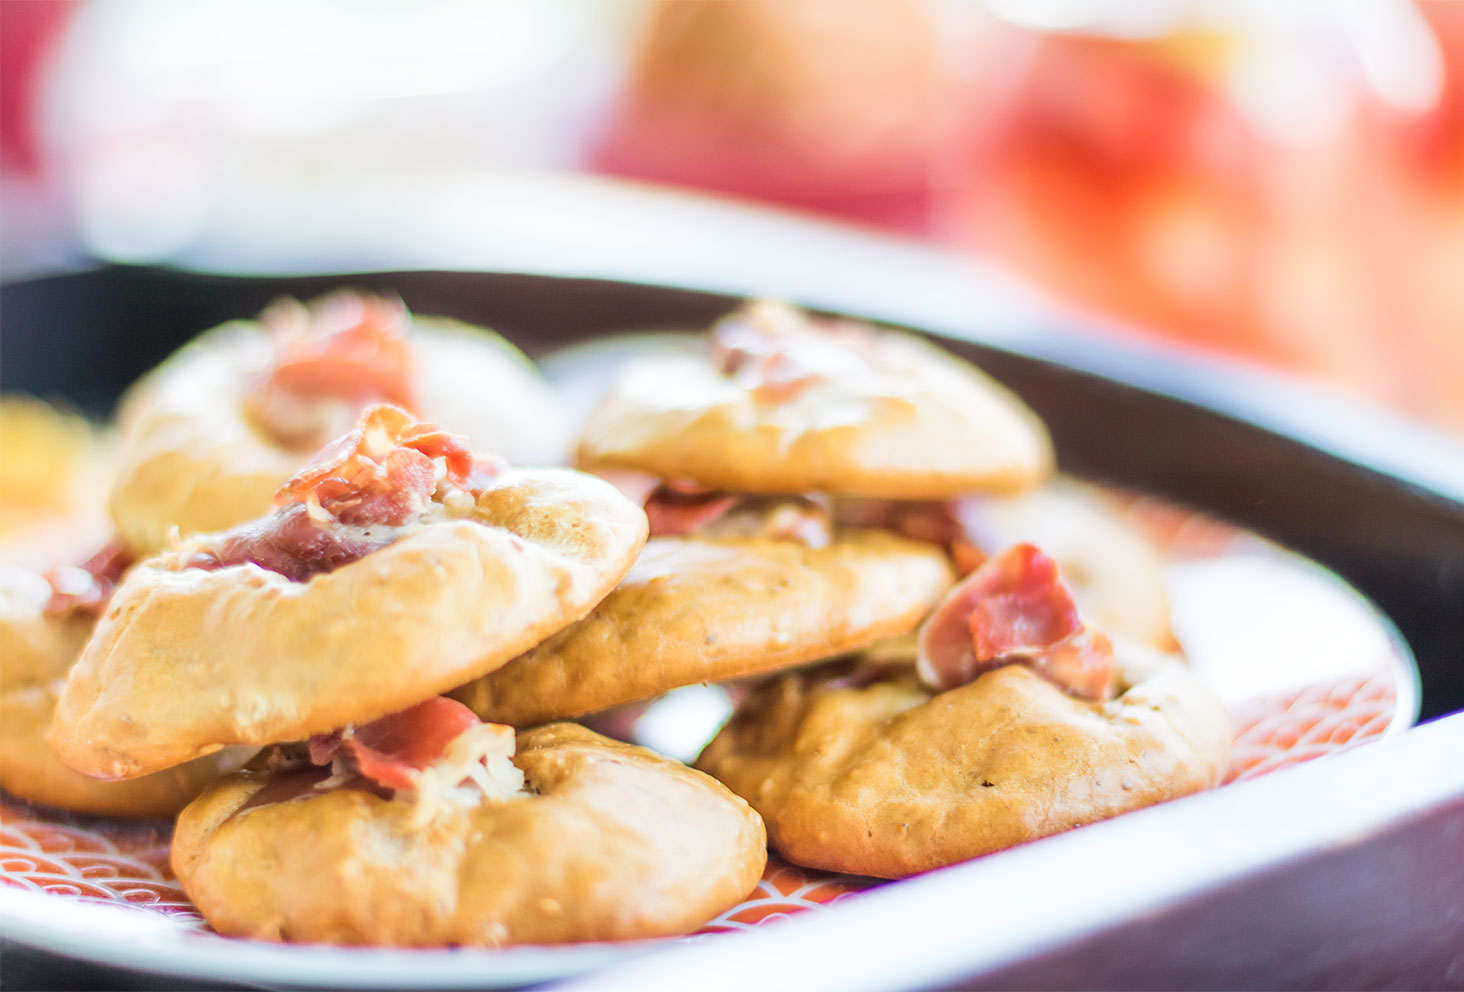 Recette de l'été, les cookies salés aux graines de sésame et jambon de parme dans une assiette Zodio orange et blanche